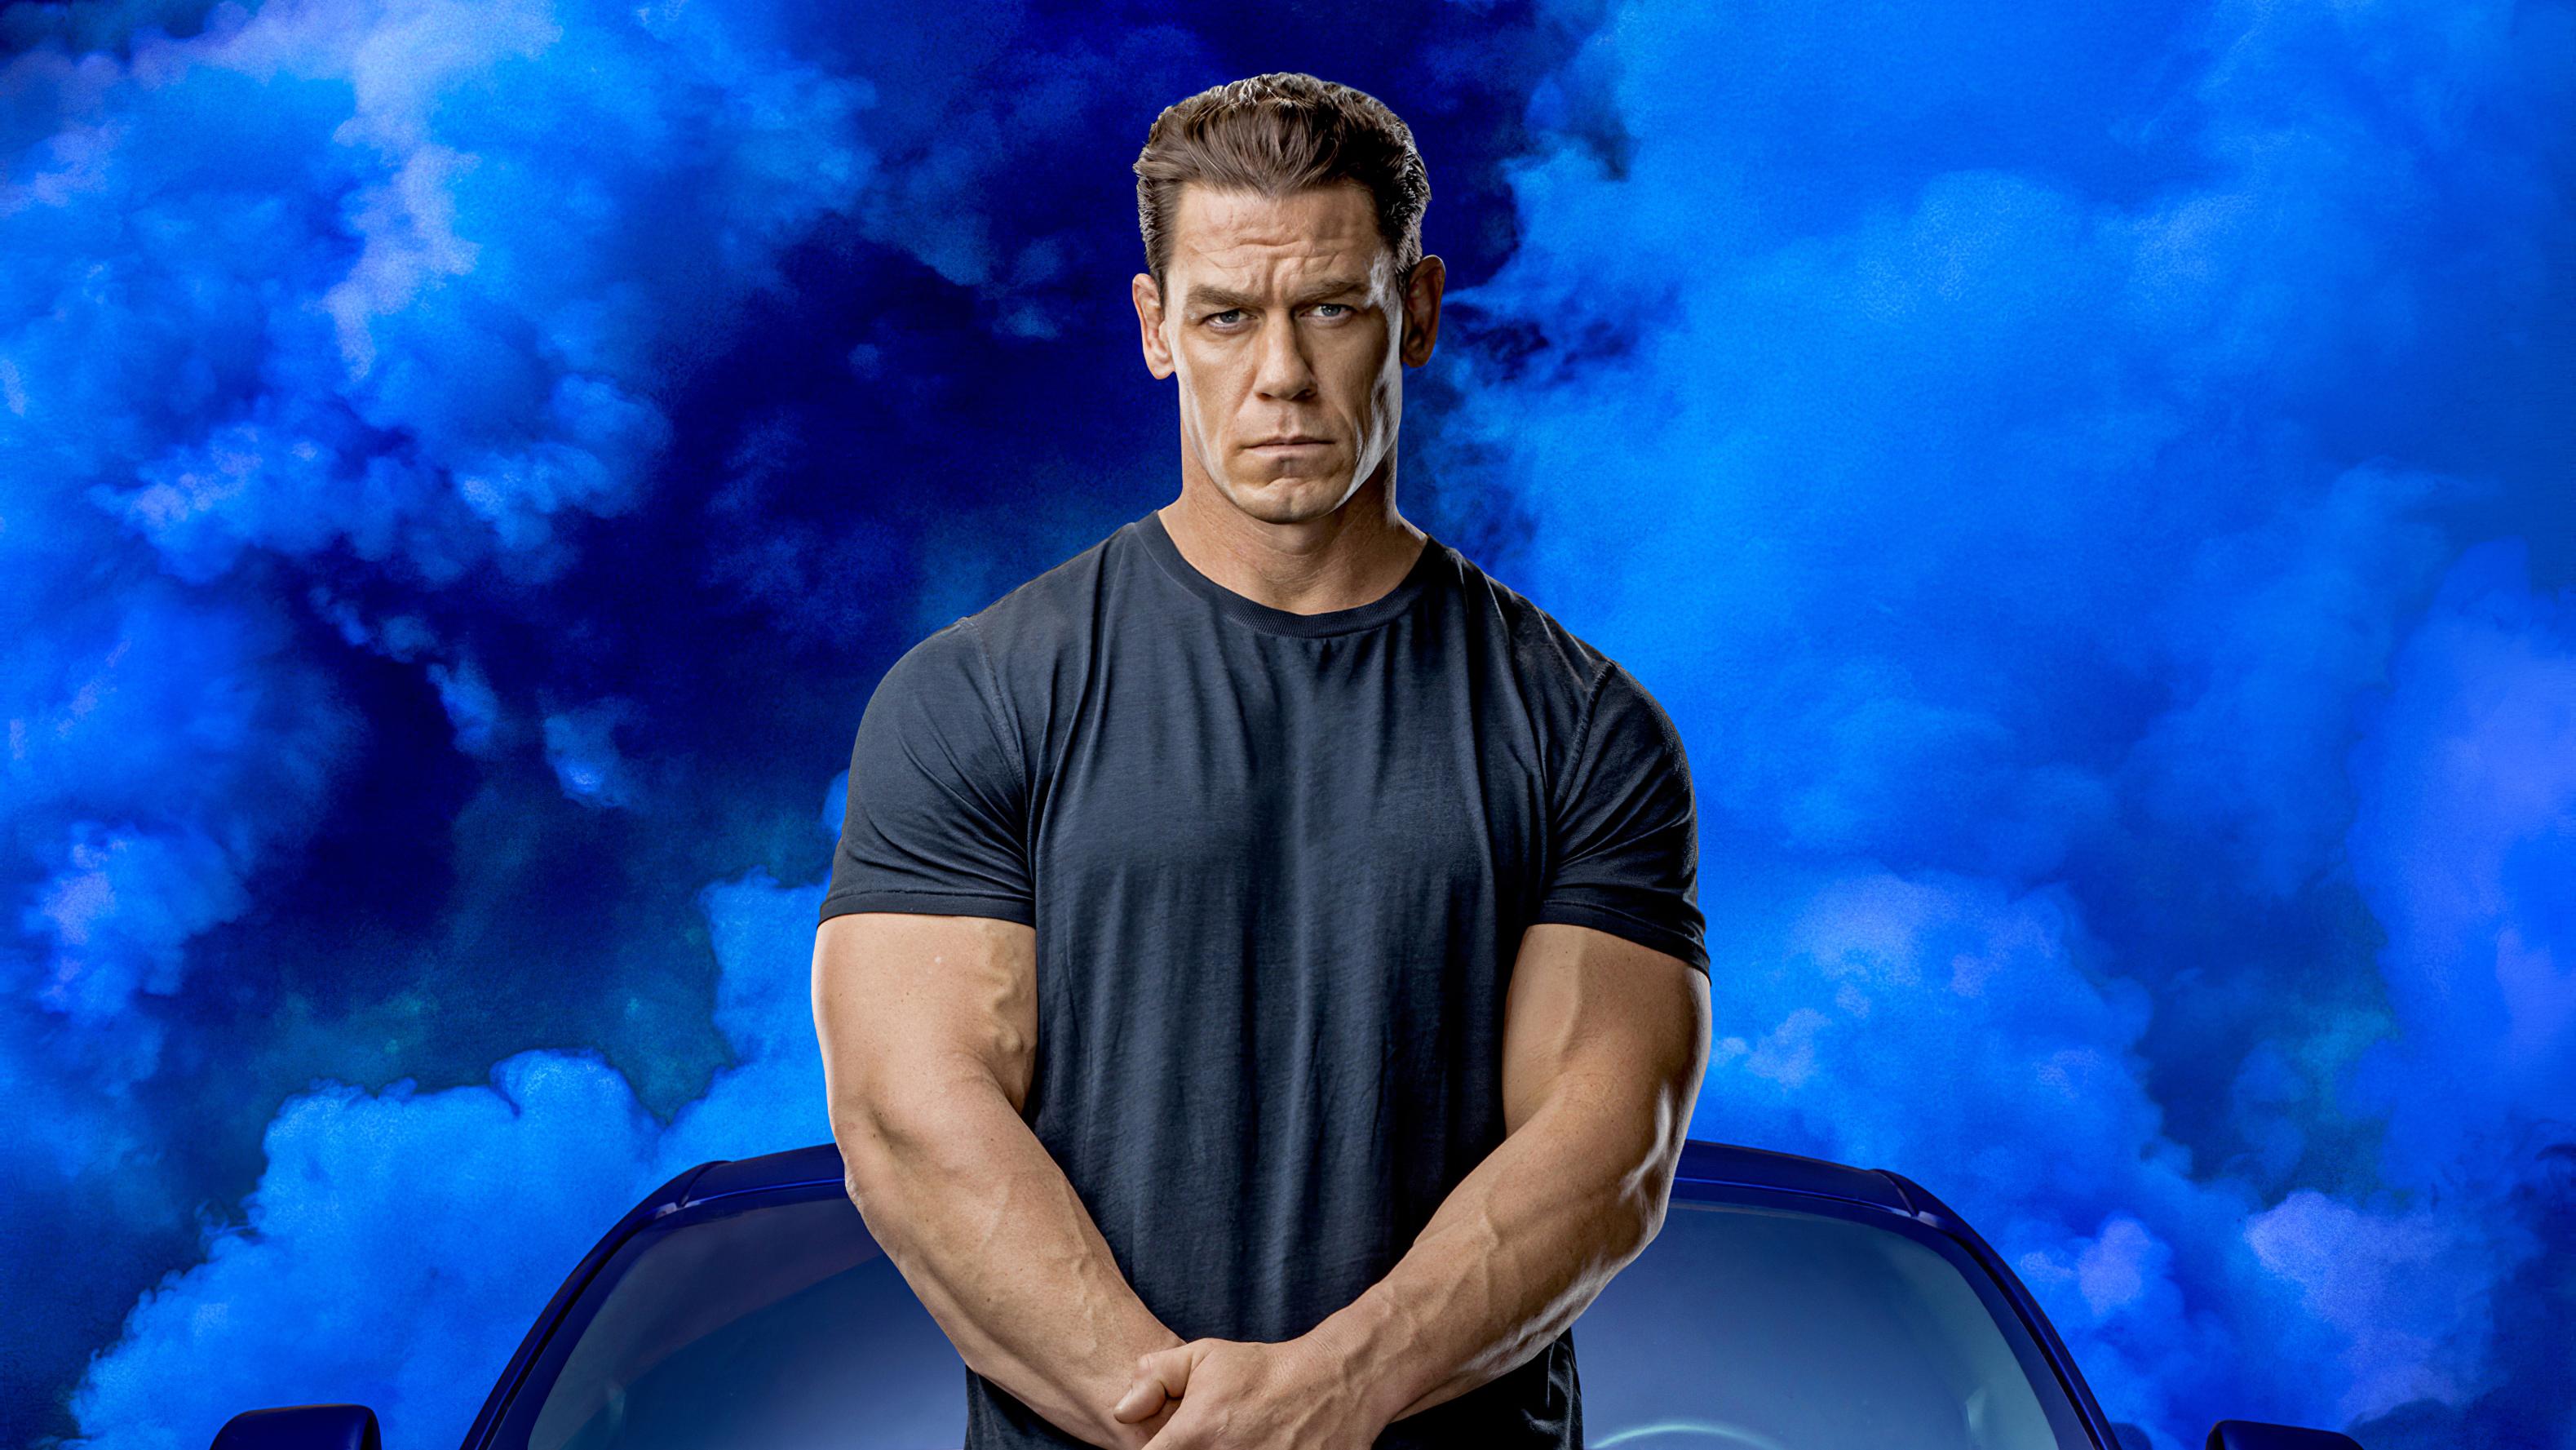 Fondos de pantalla John Cena en Rápidos y Furiosos 9